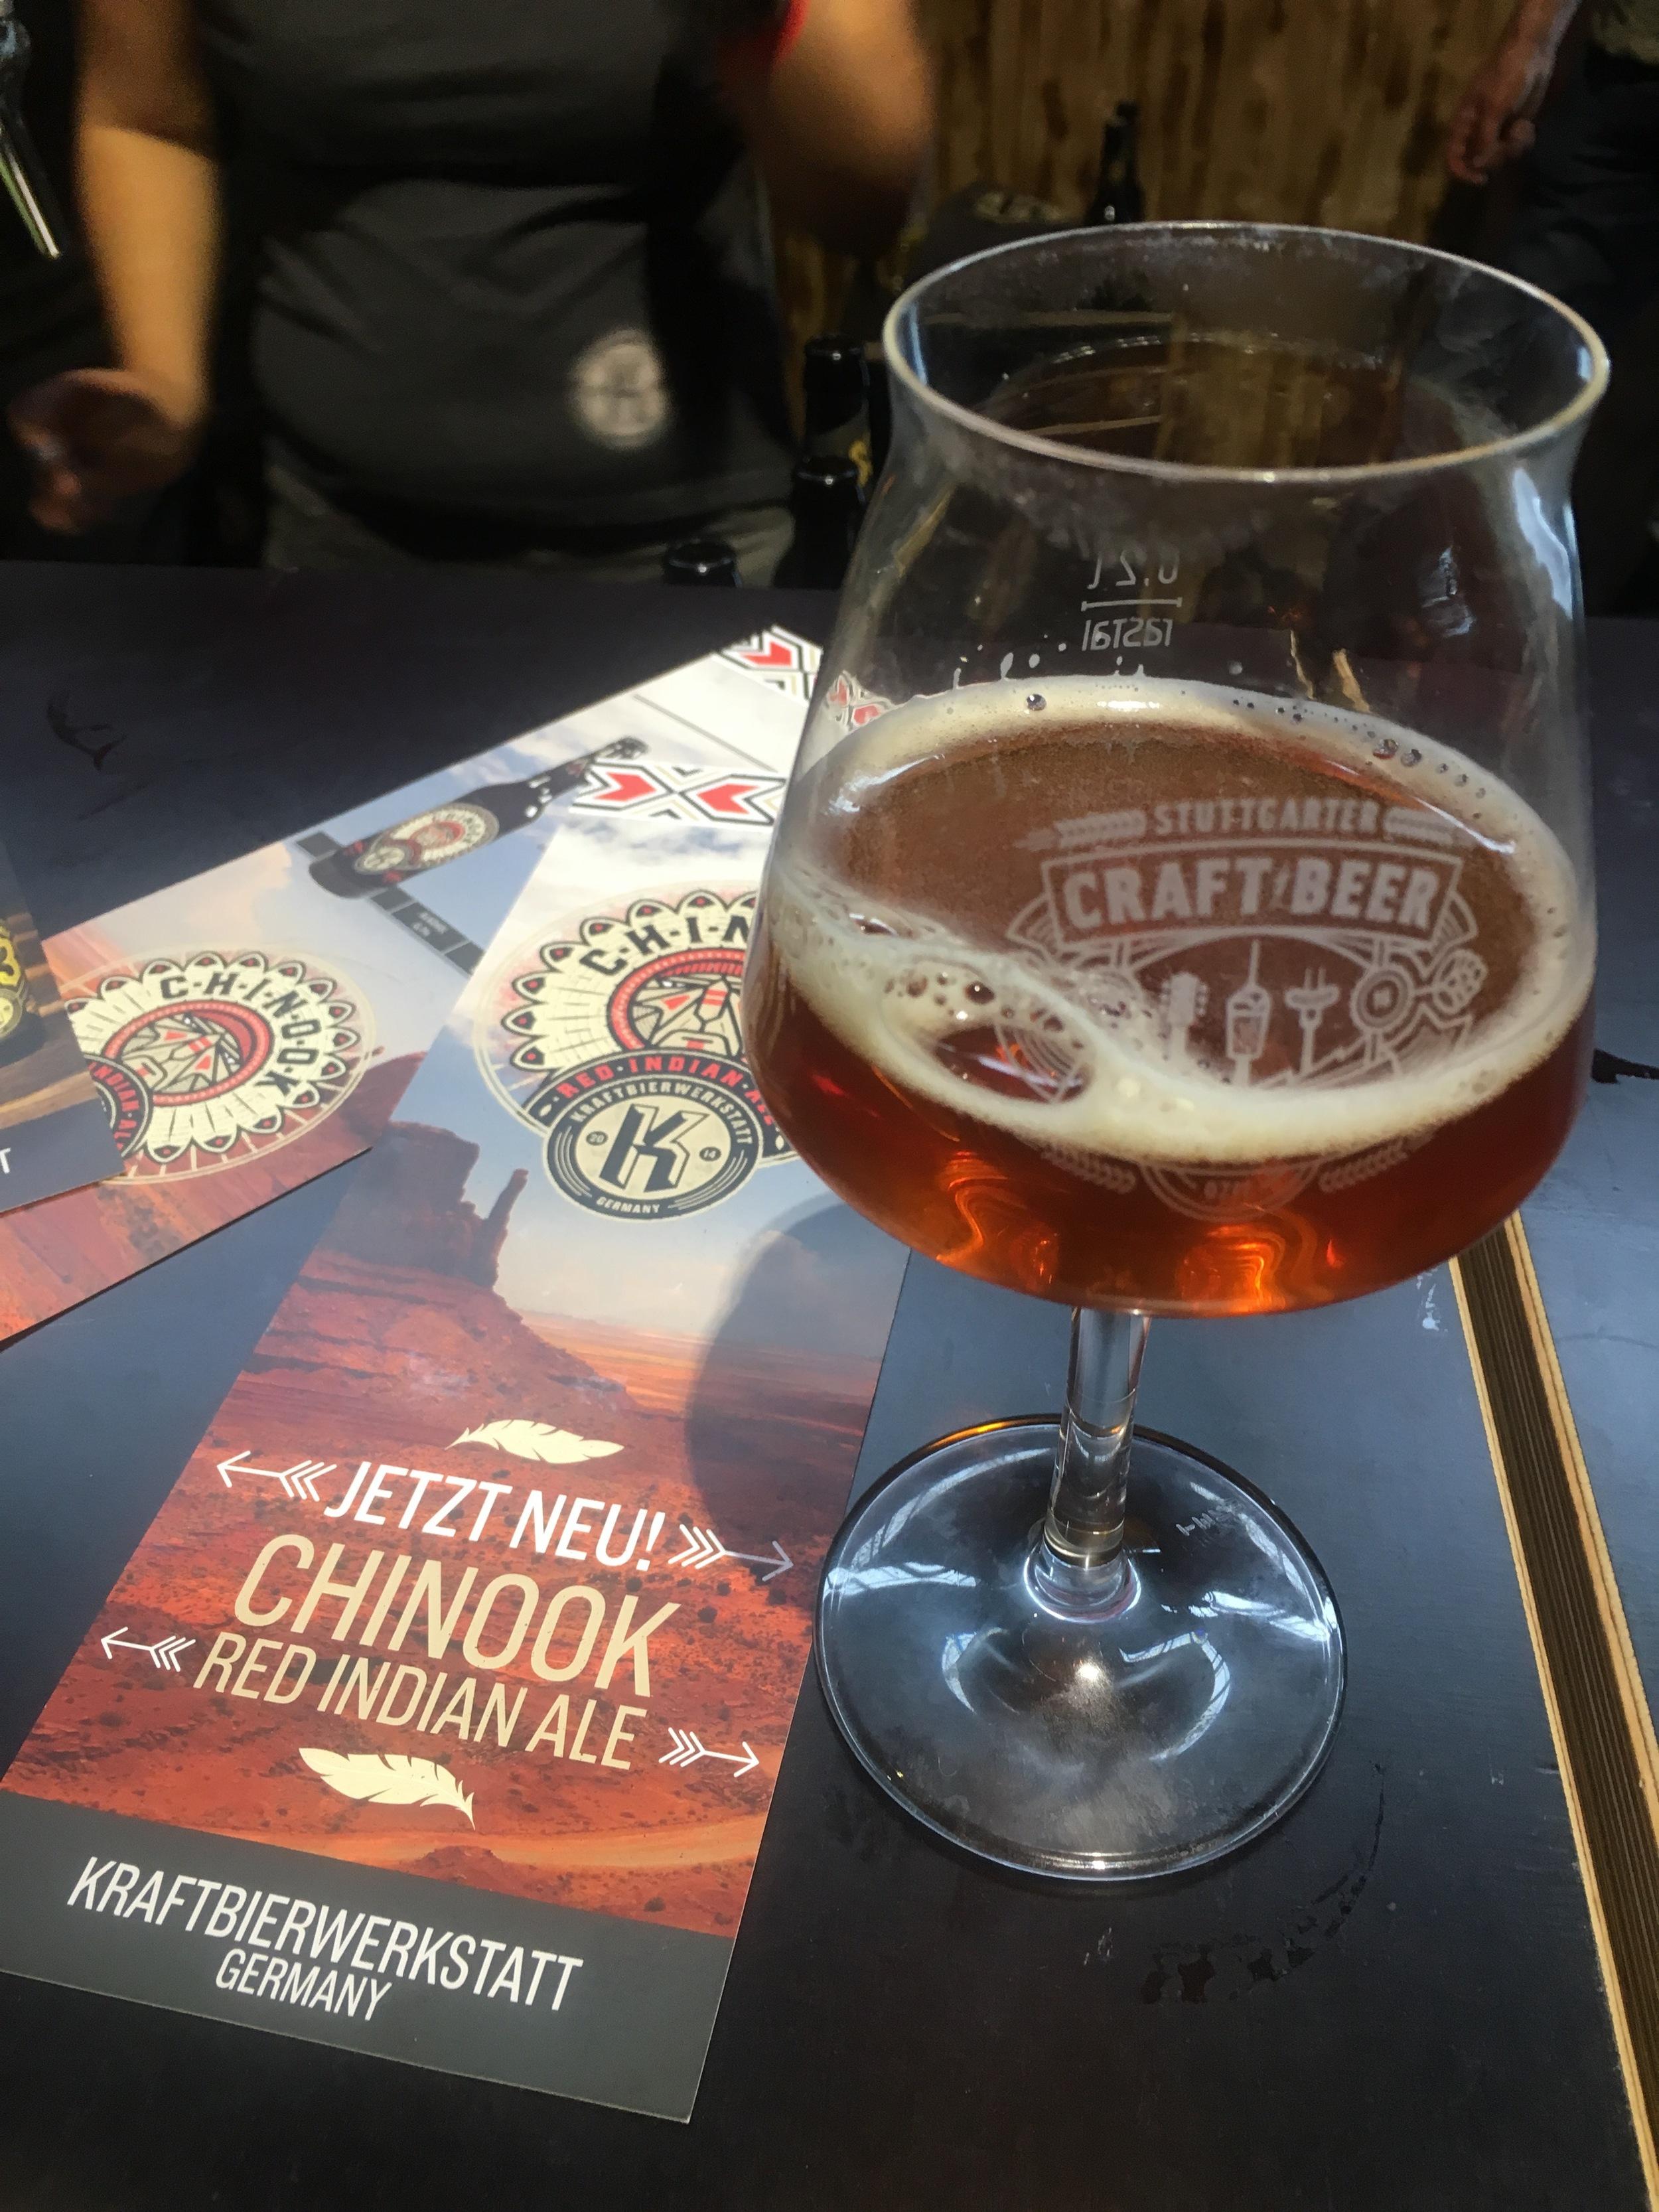 Kraftbierwerkstatt's Chinook Red Indian Ale